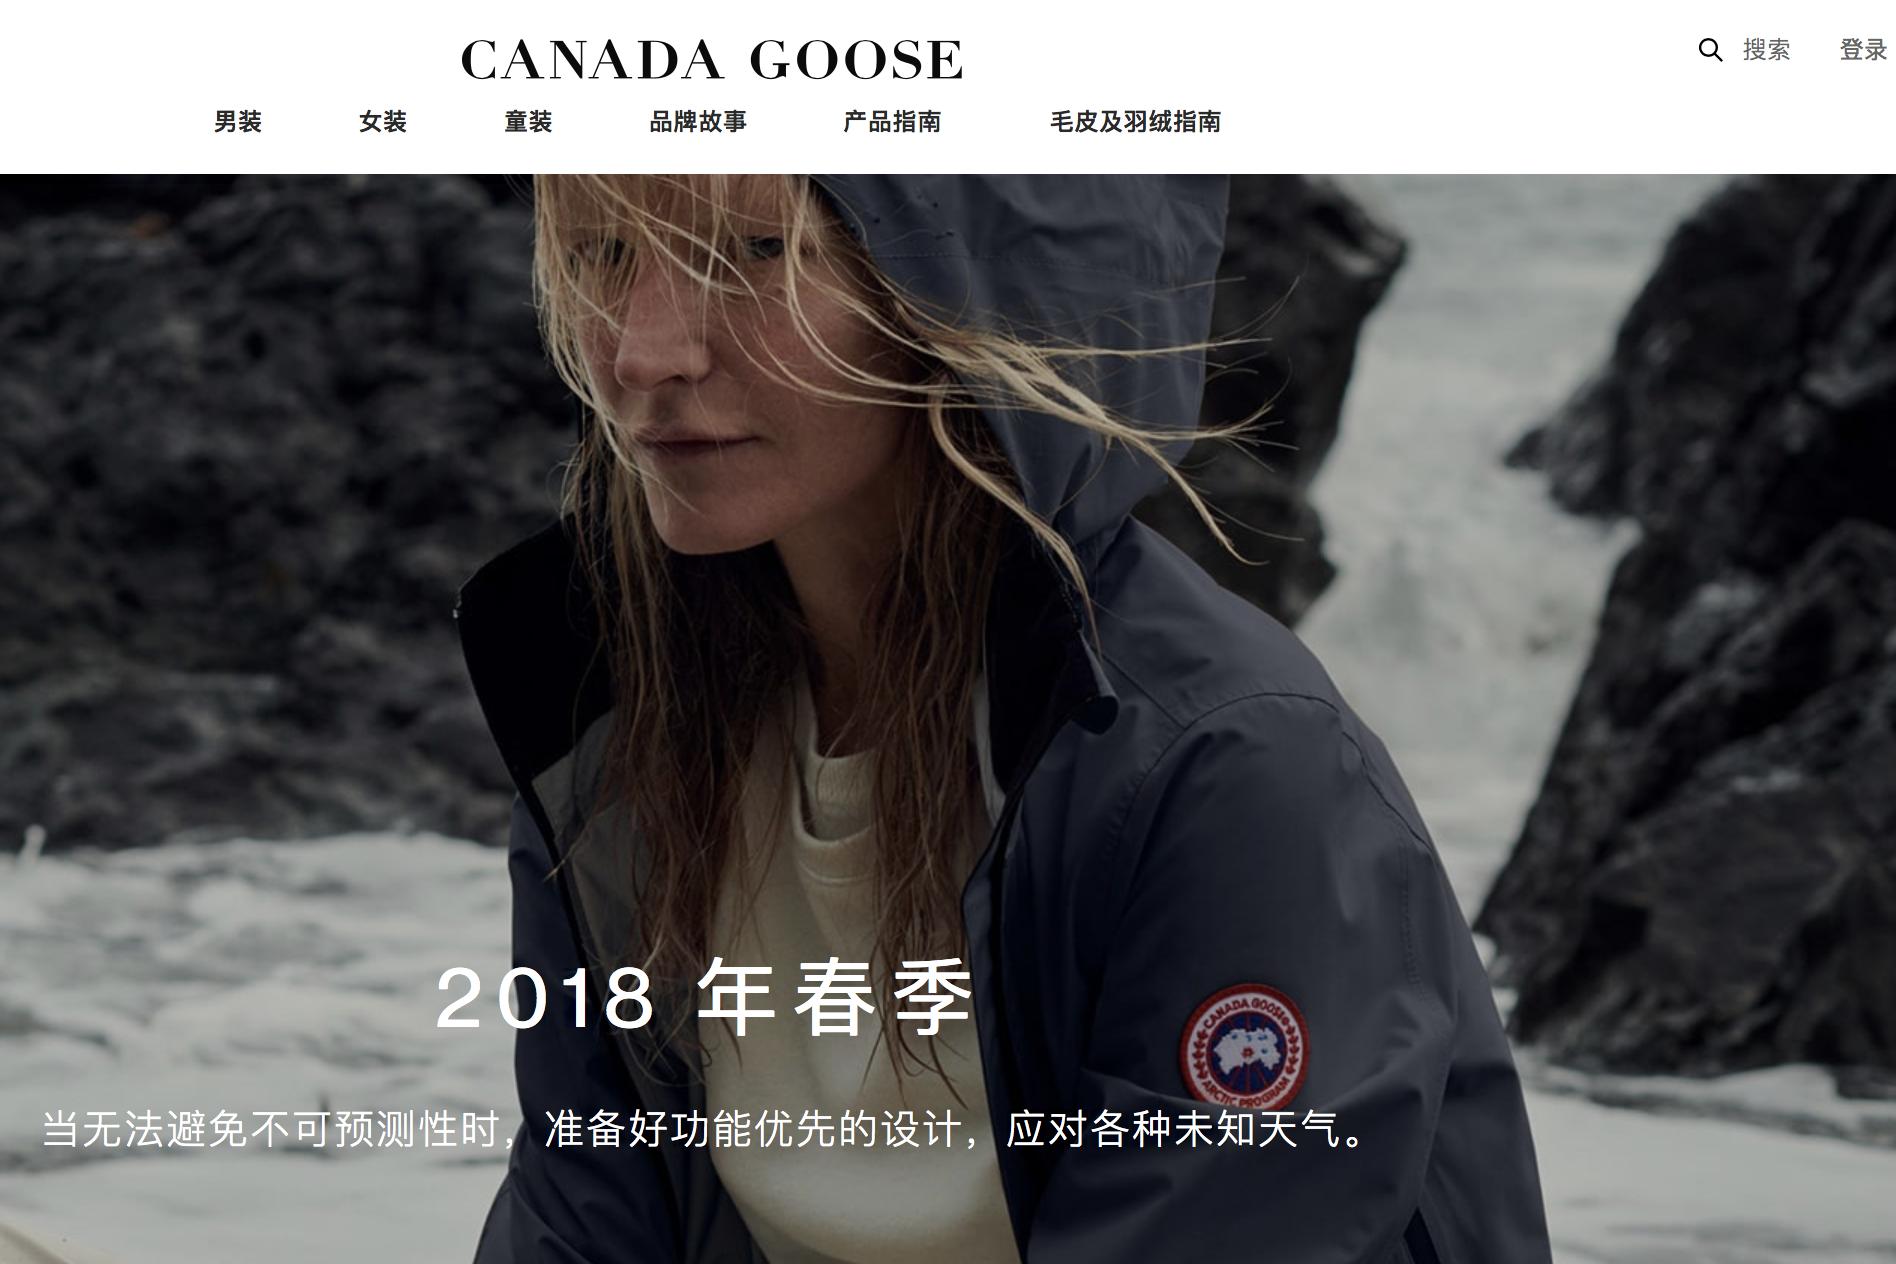 Canada Goose 正式宣布进军中国市场,将在上海设大中华区总部,在北京和香港开设旗舰店